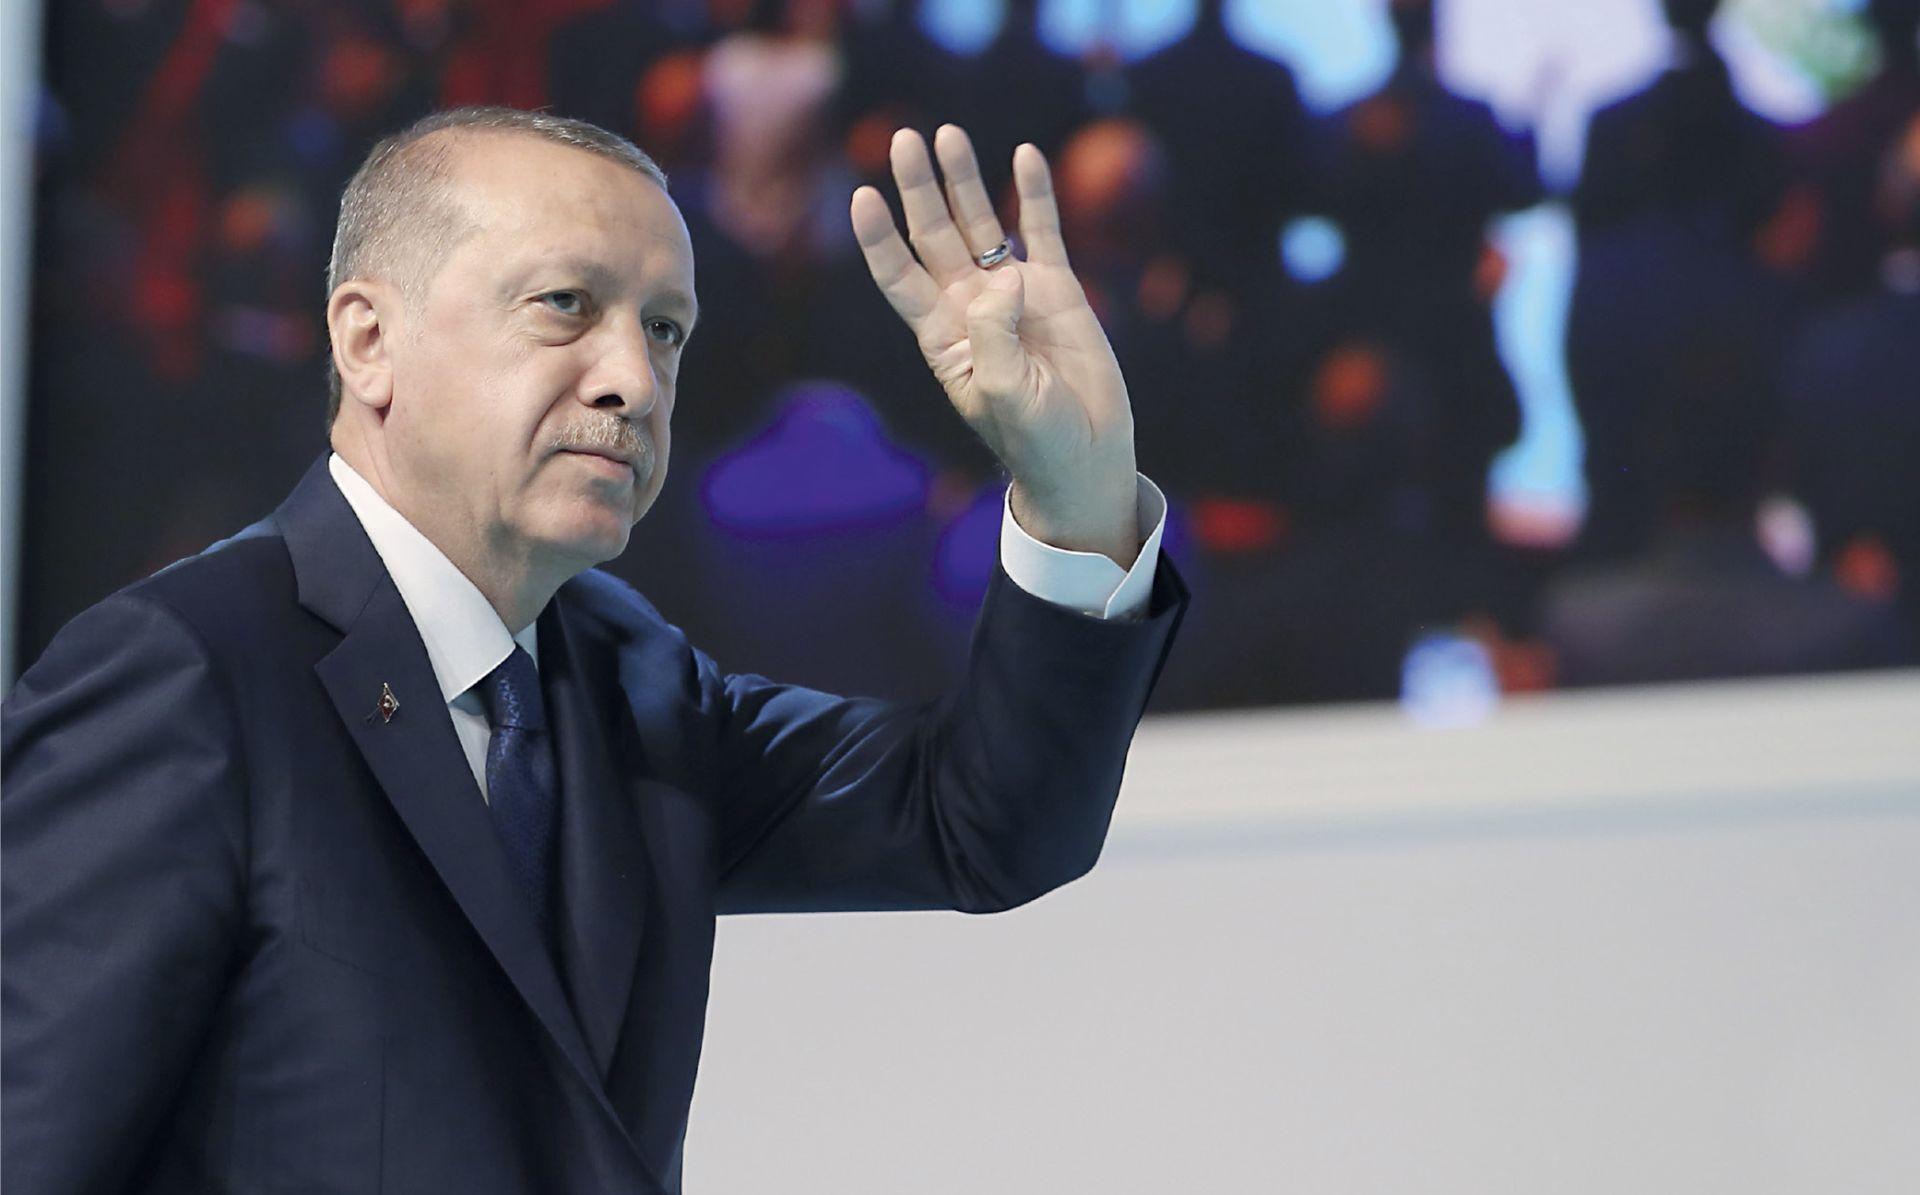 Erdoğan može izgubiti izbore, ali vlast ne može